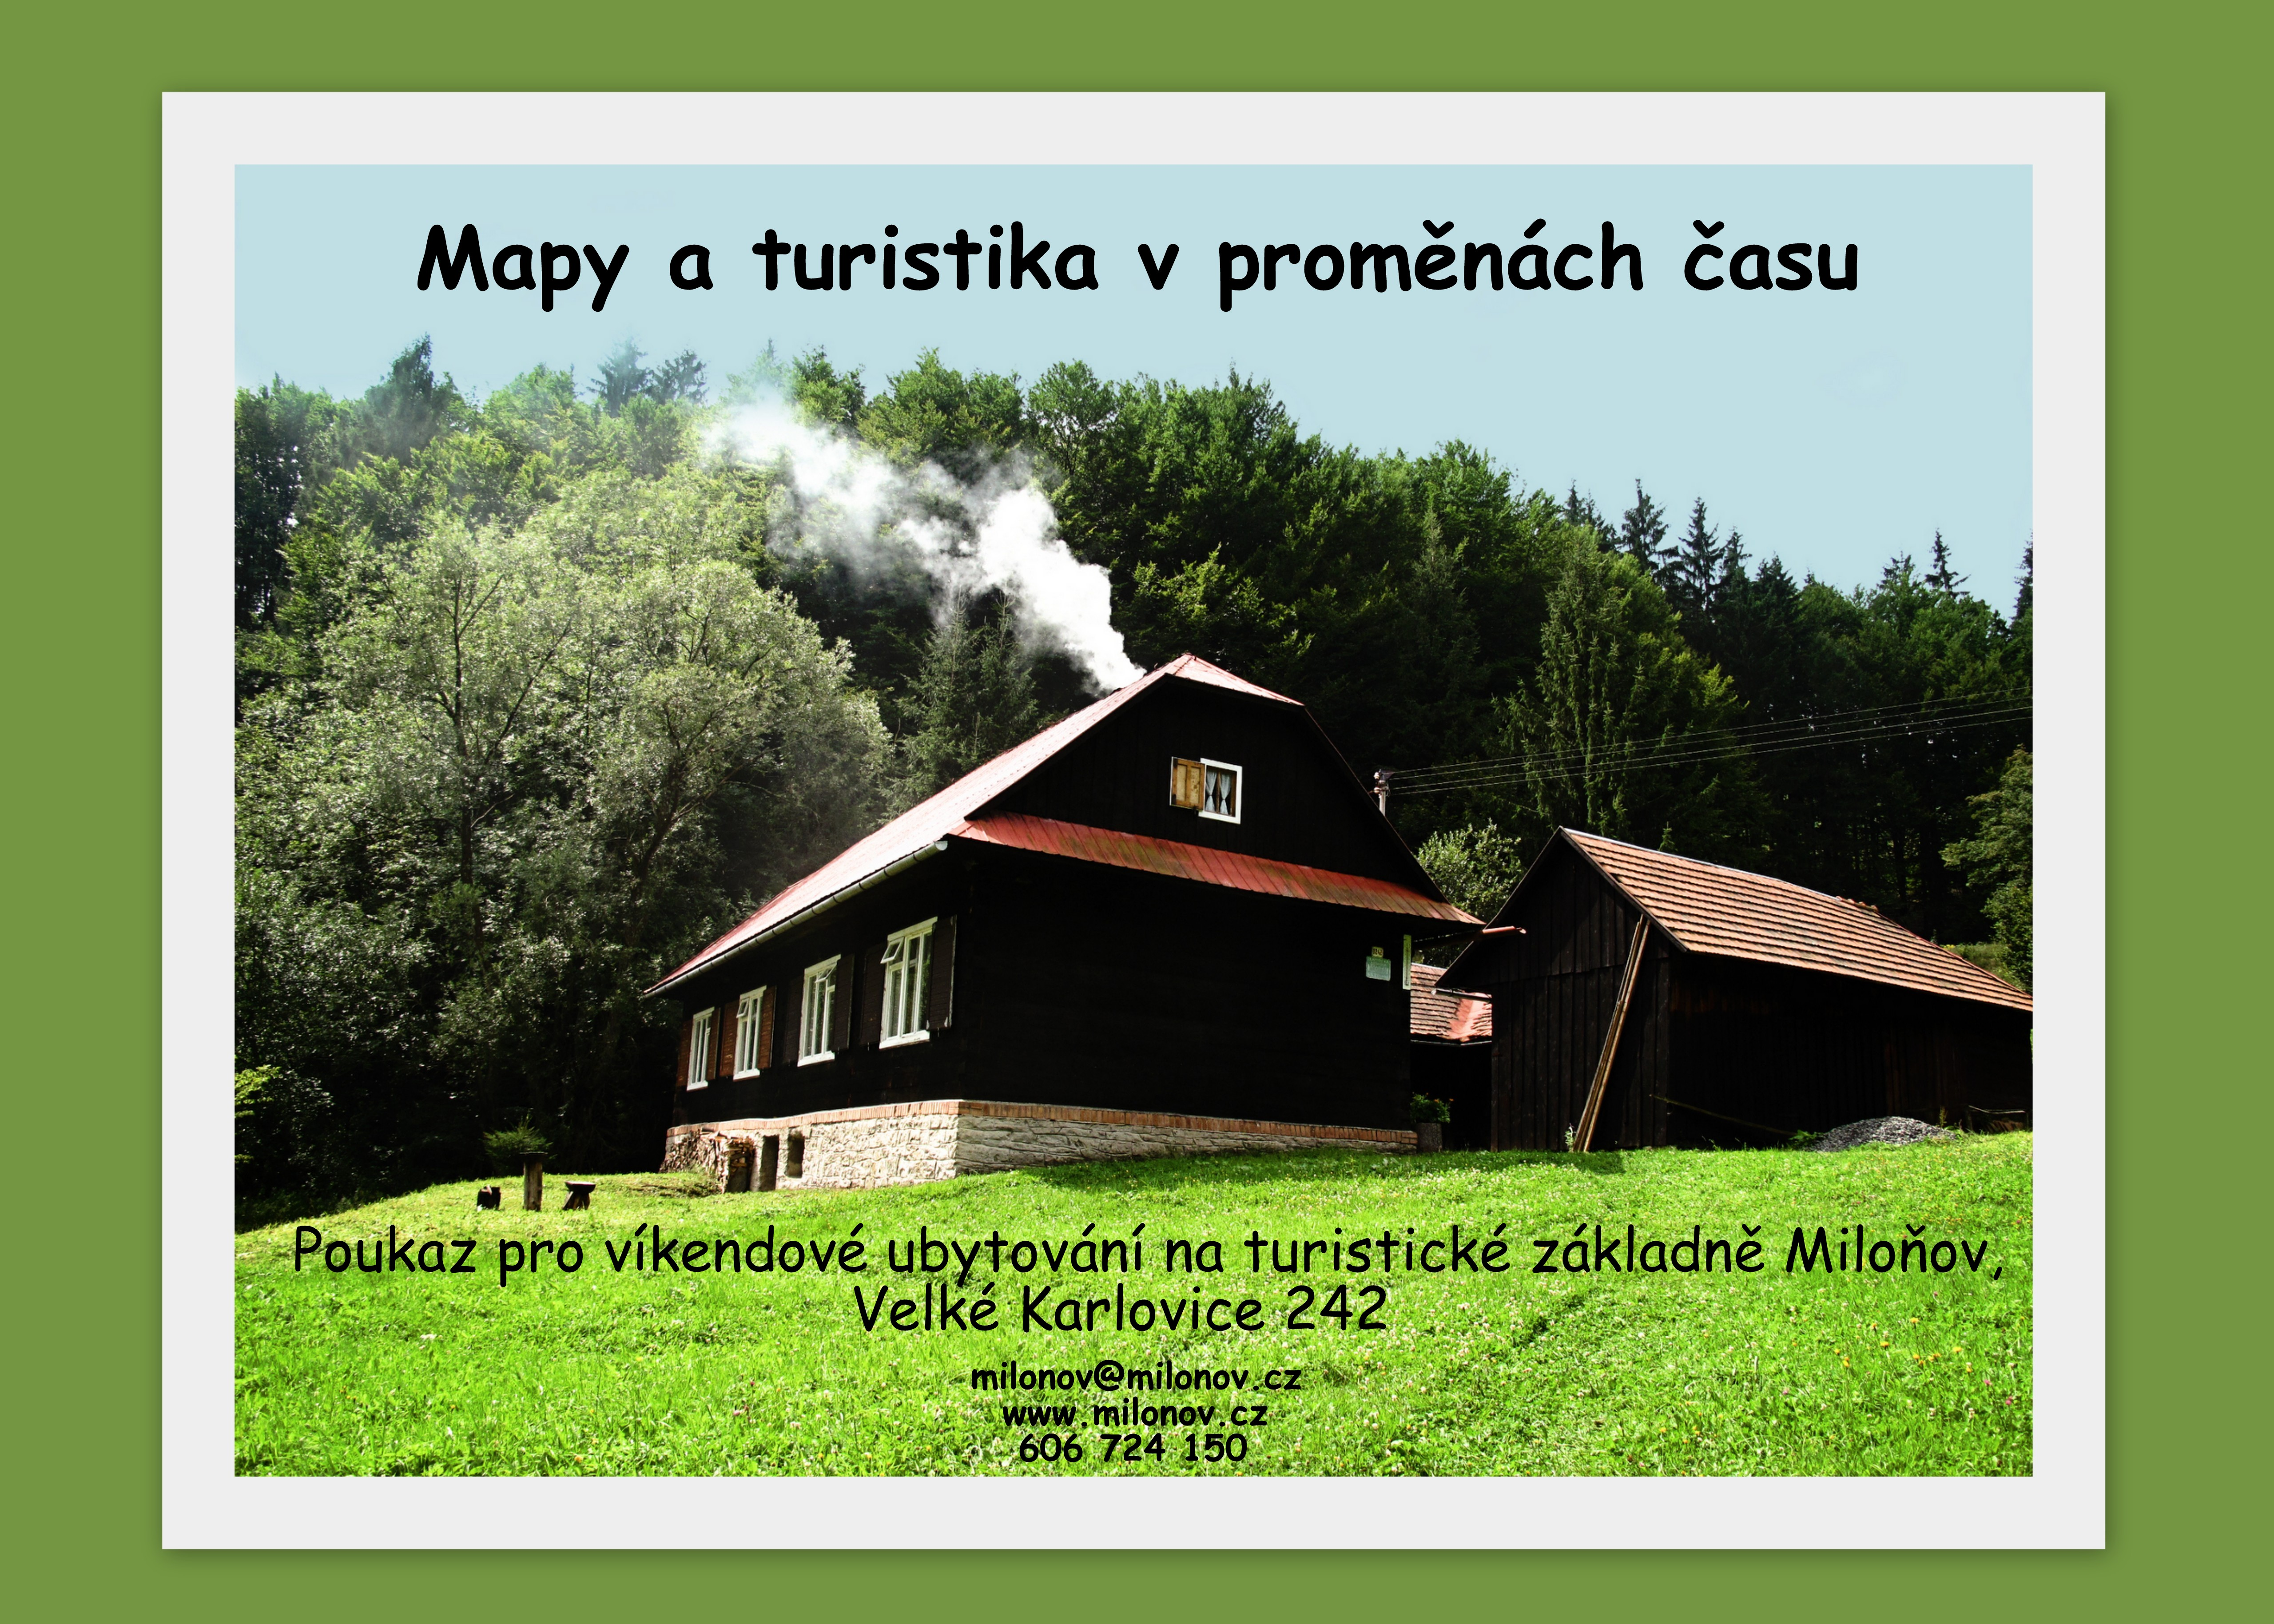 Milonov 201217, obrázek se otevře v novém okně